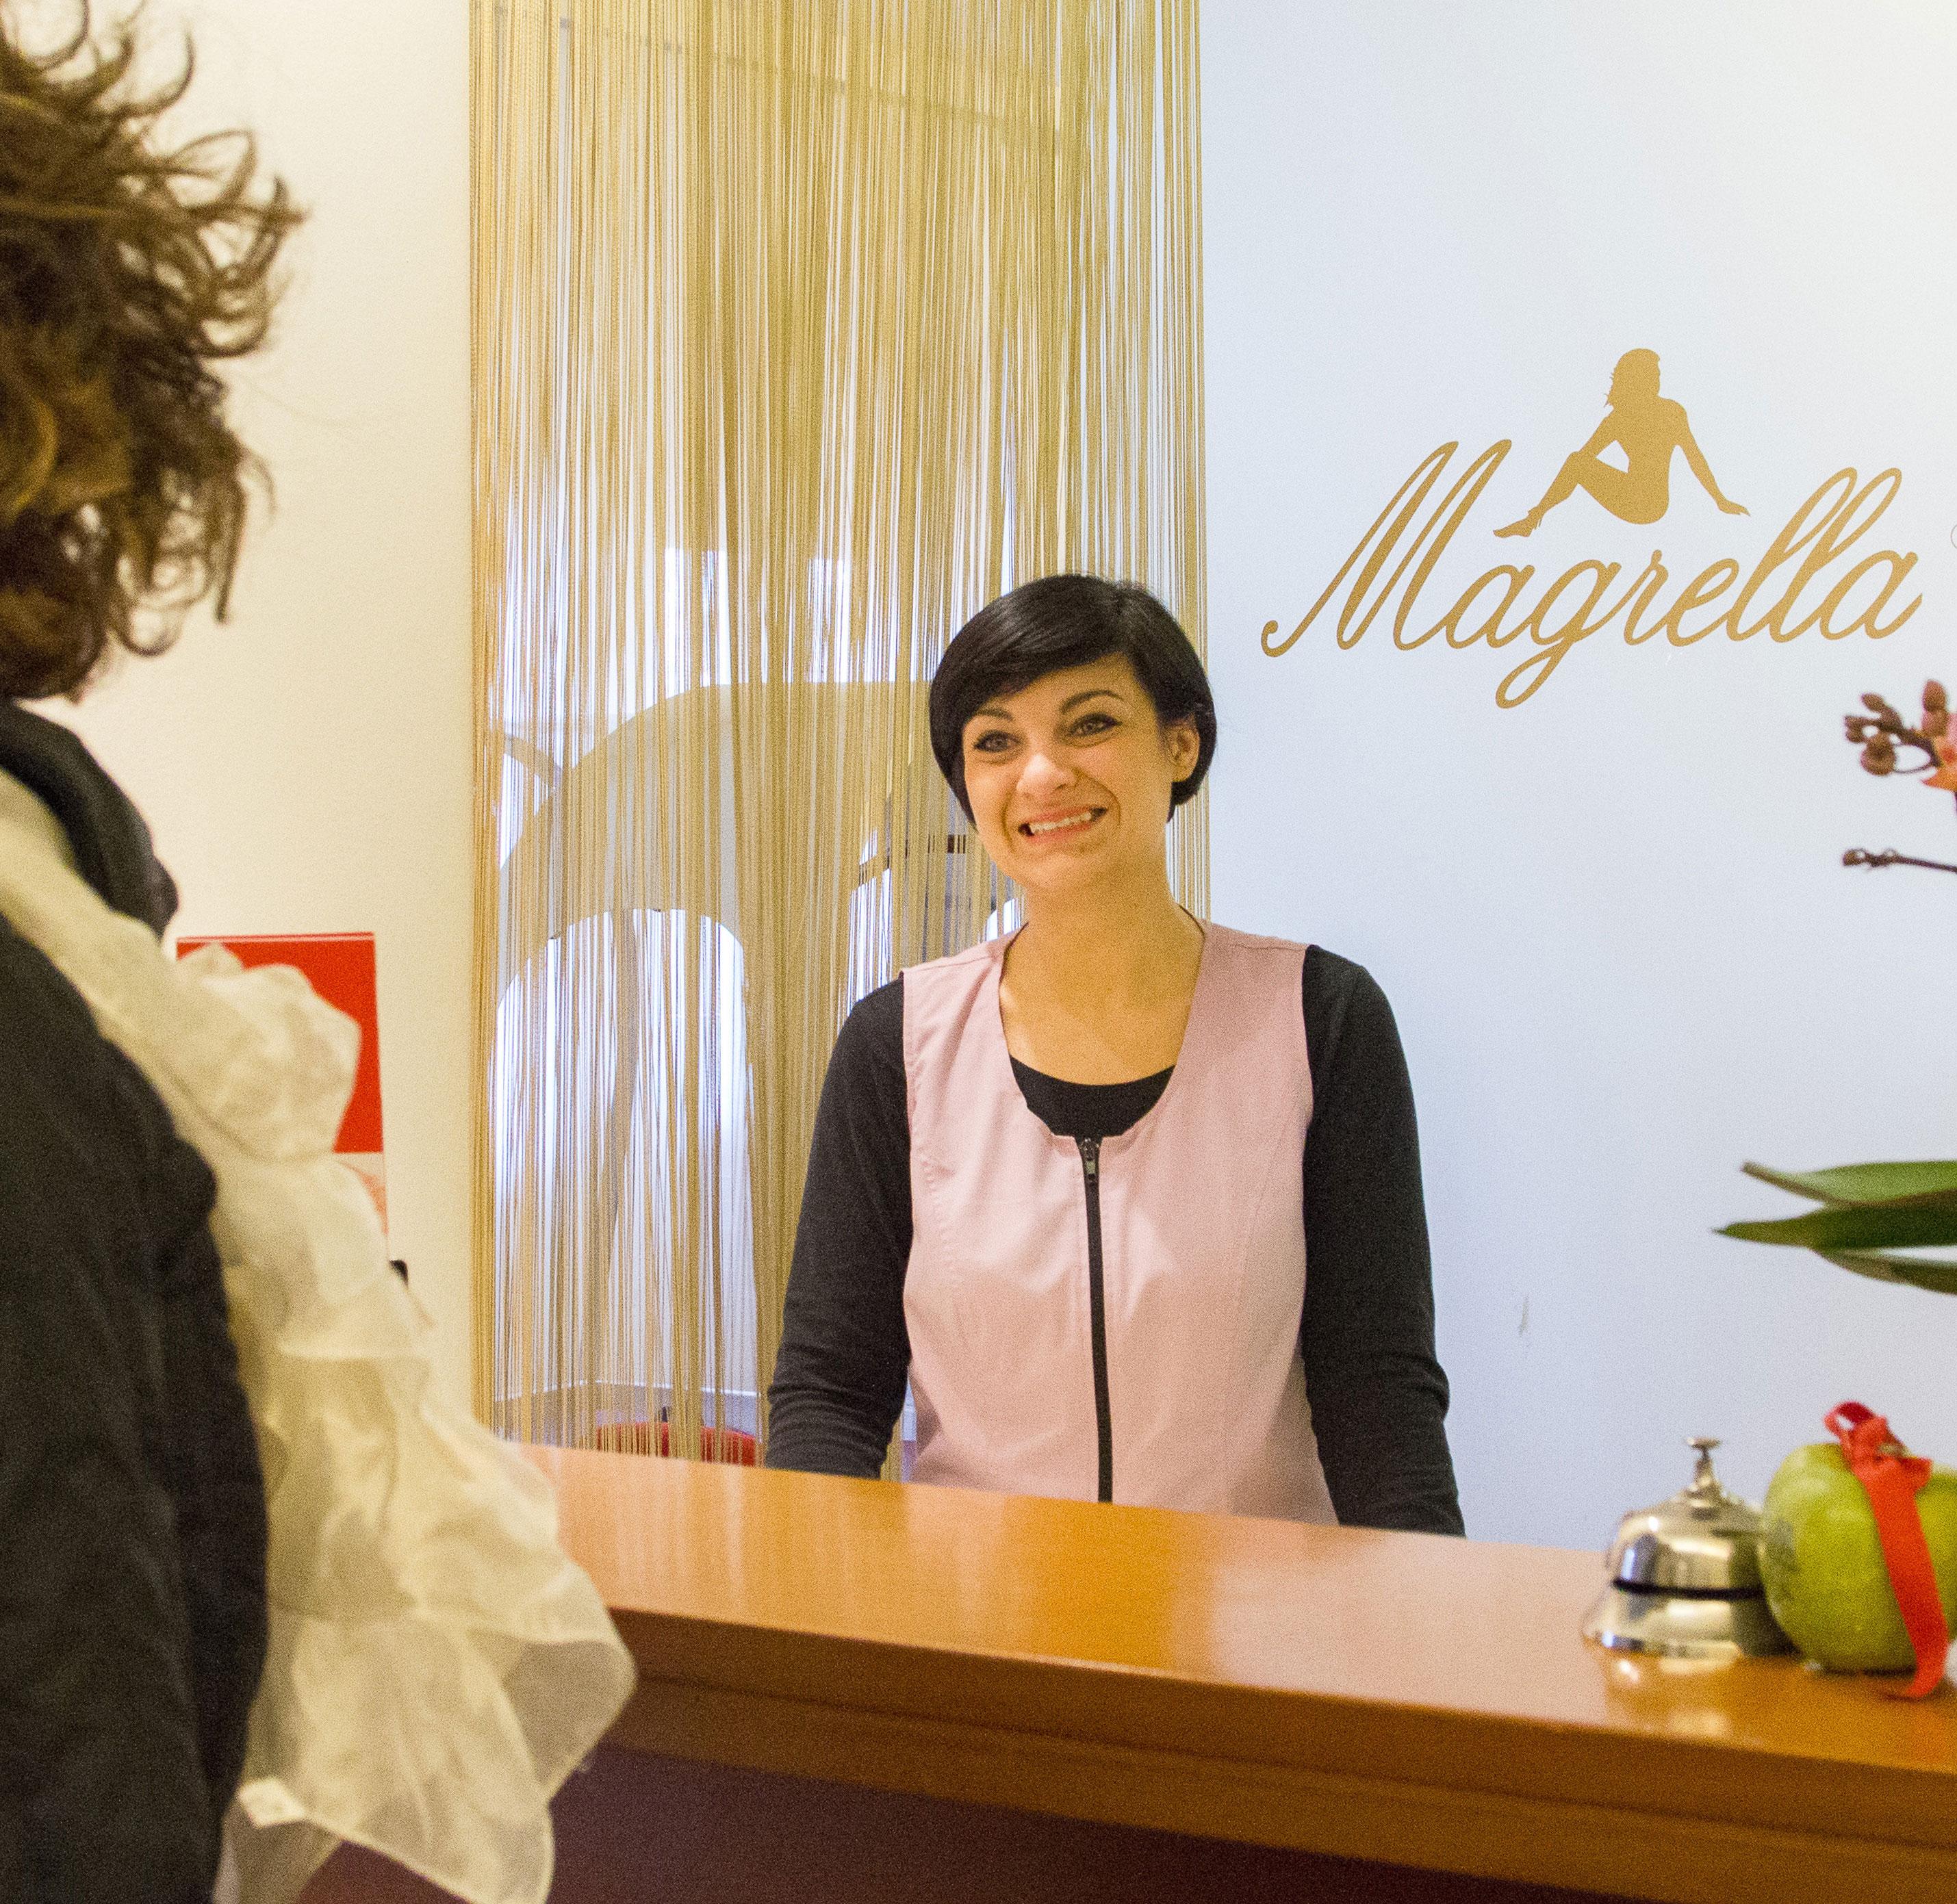 accoglienza Magrella Ferrara centro dimagrimento clinica per dimagrire dieta facile veloce perdere peso ricette light